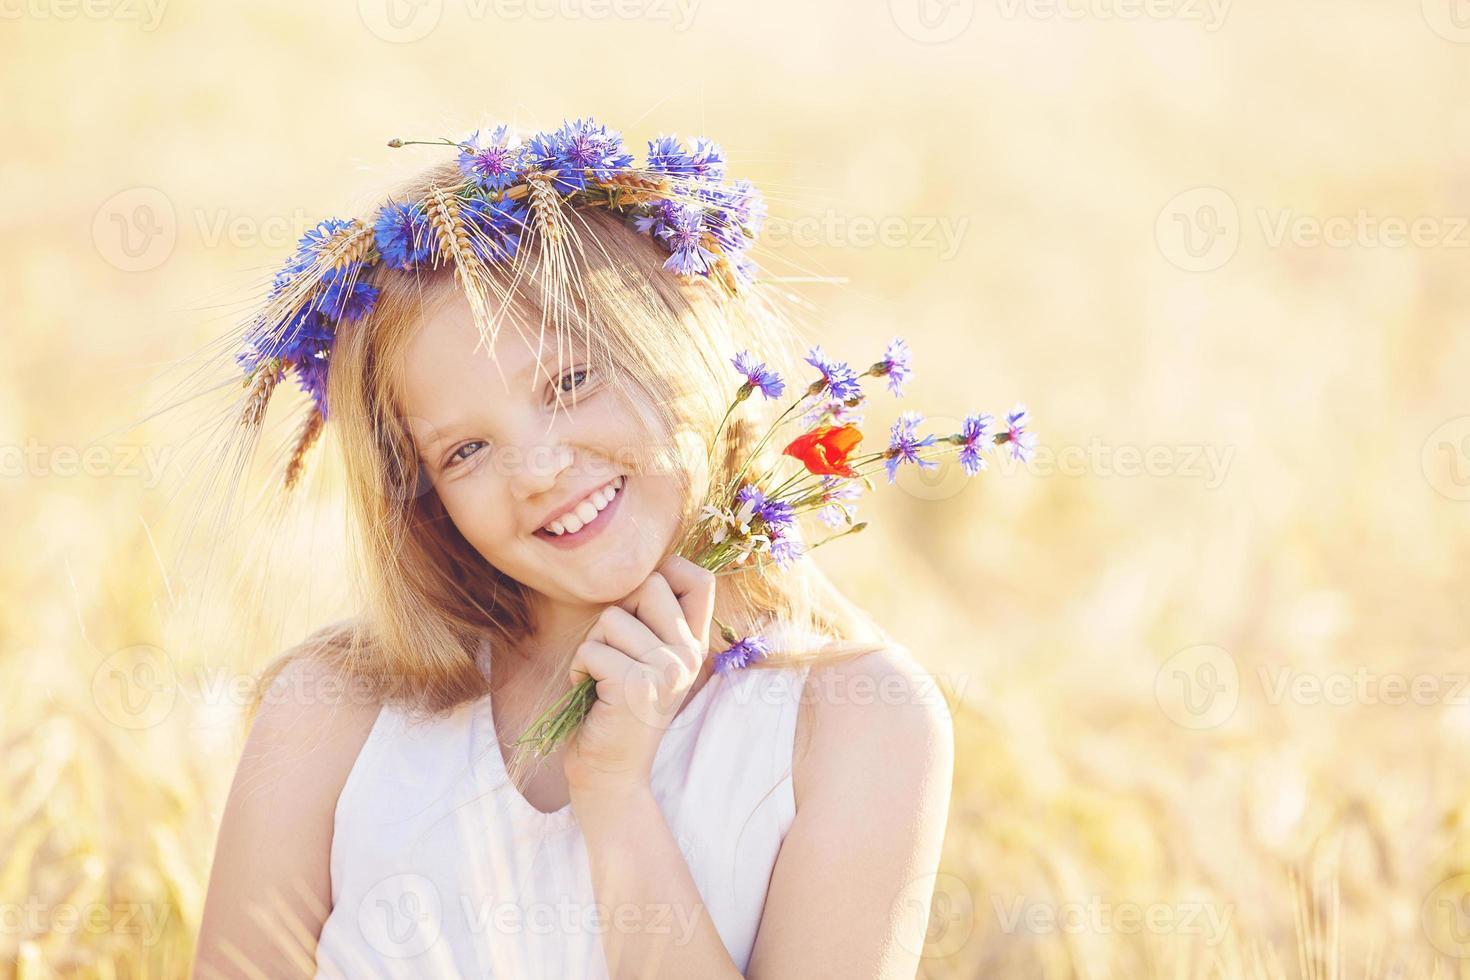 glückliches Mädchen mit Blumenkrone am Sommerweizenfeld foto